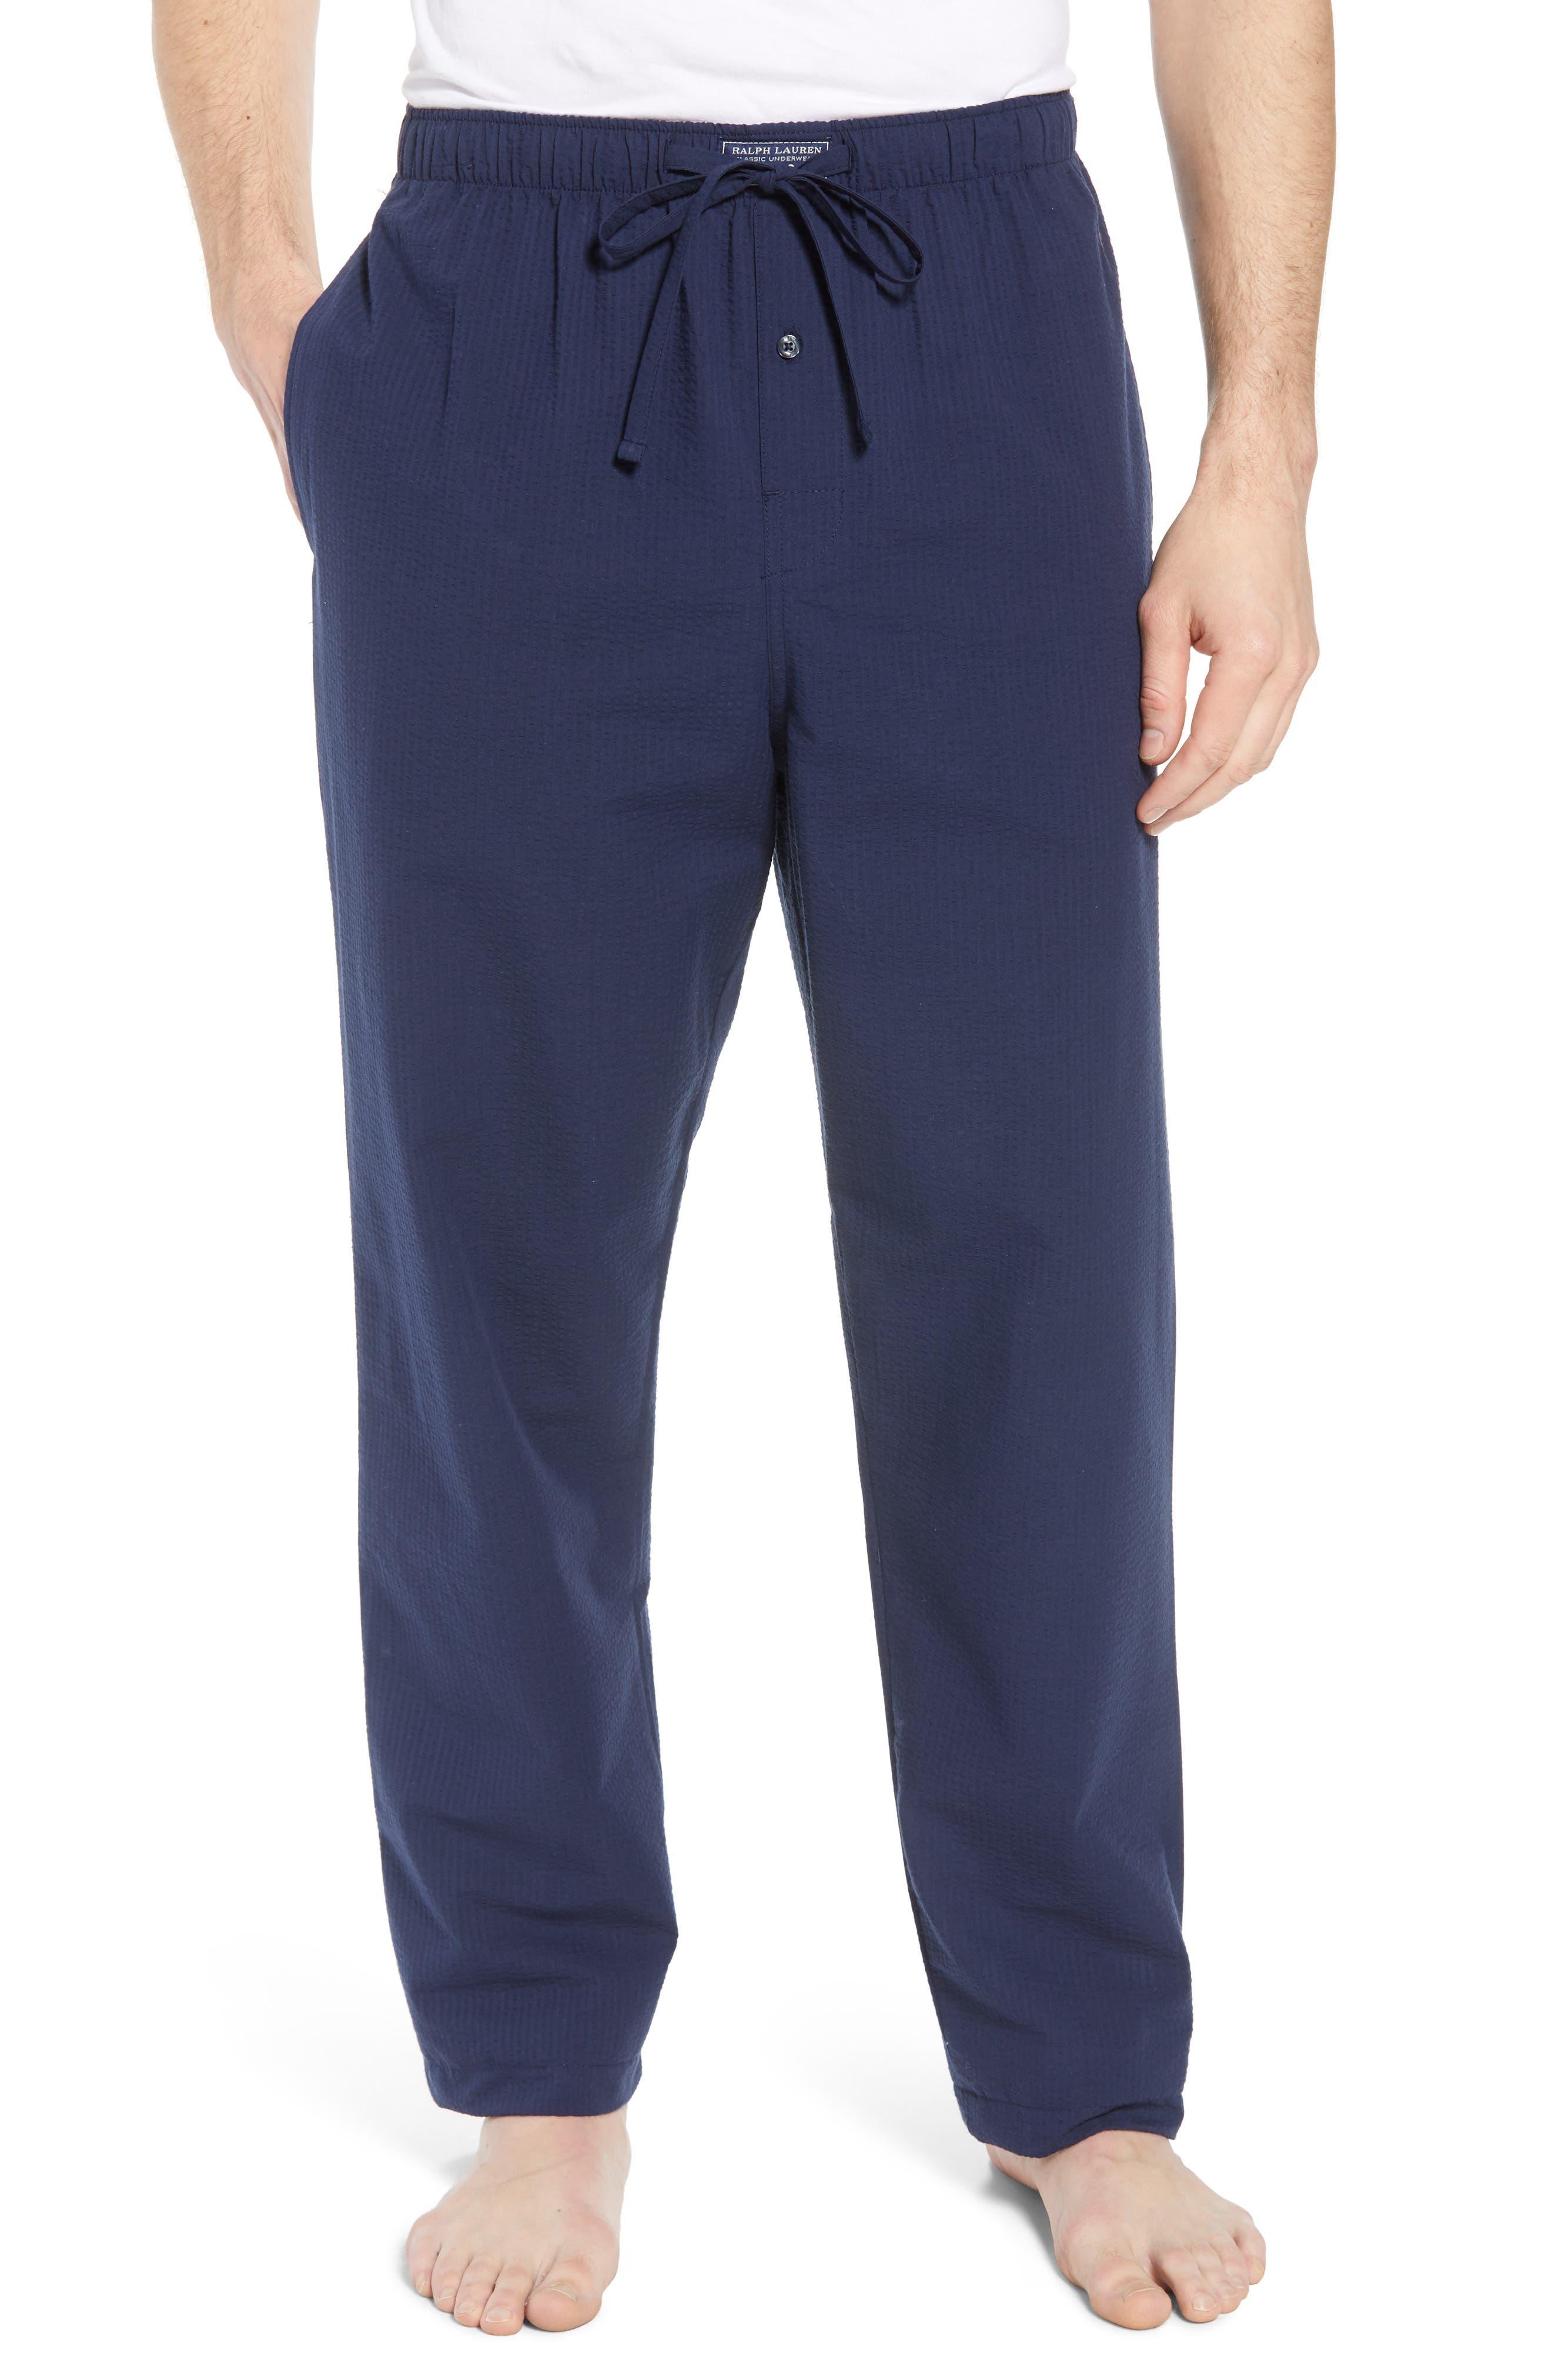 Seersucker Pajama Pants,                         Main,                         color, NAVY SEERSUCKER